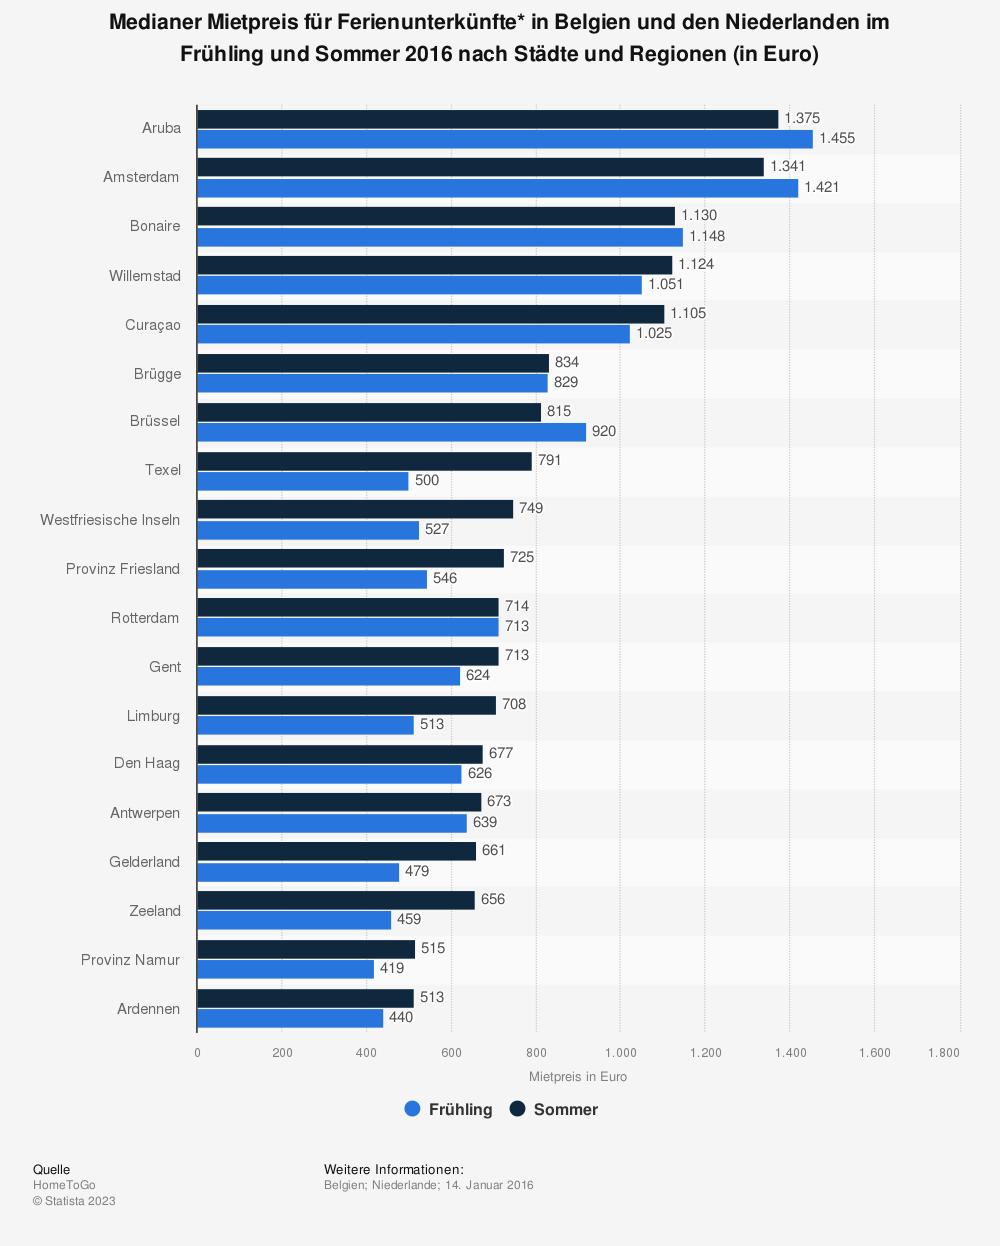 Statistik: Medianer Mietpreis für Ferienunterkünfte* in Belgien und den Niederlanden im Frühling und Sommer 2016 nach Städte und Regionen (in Euro) | Statista